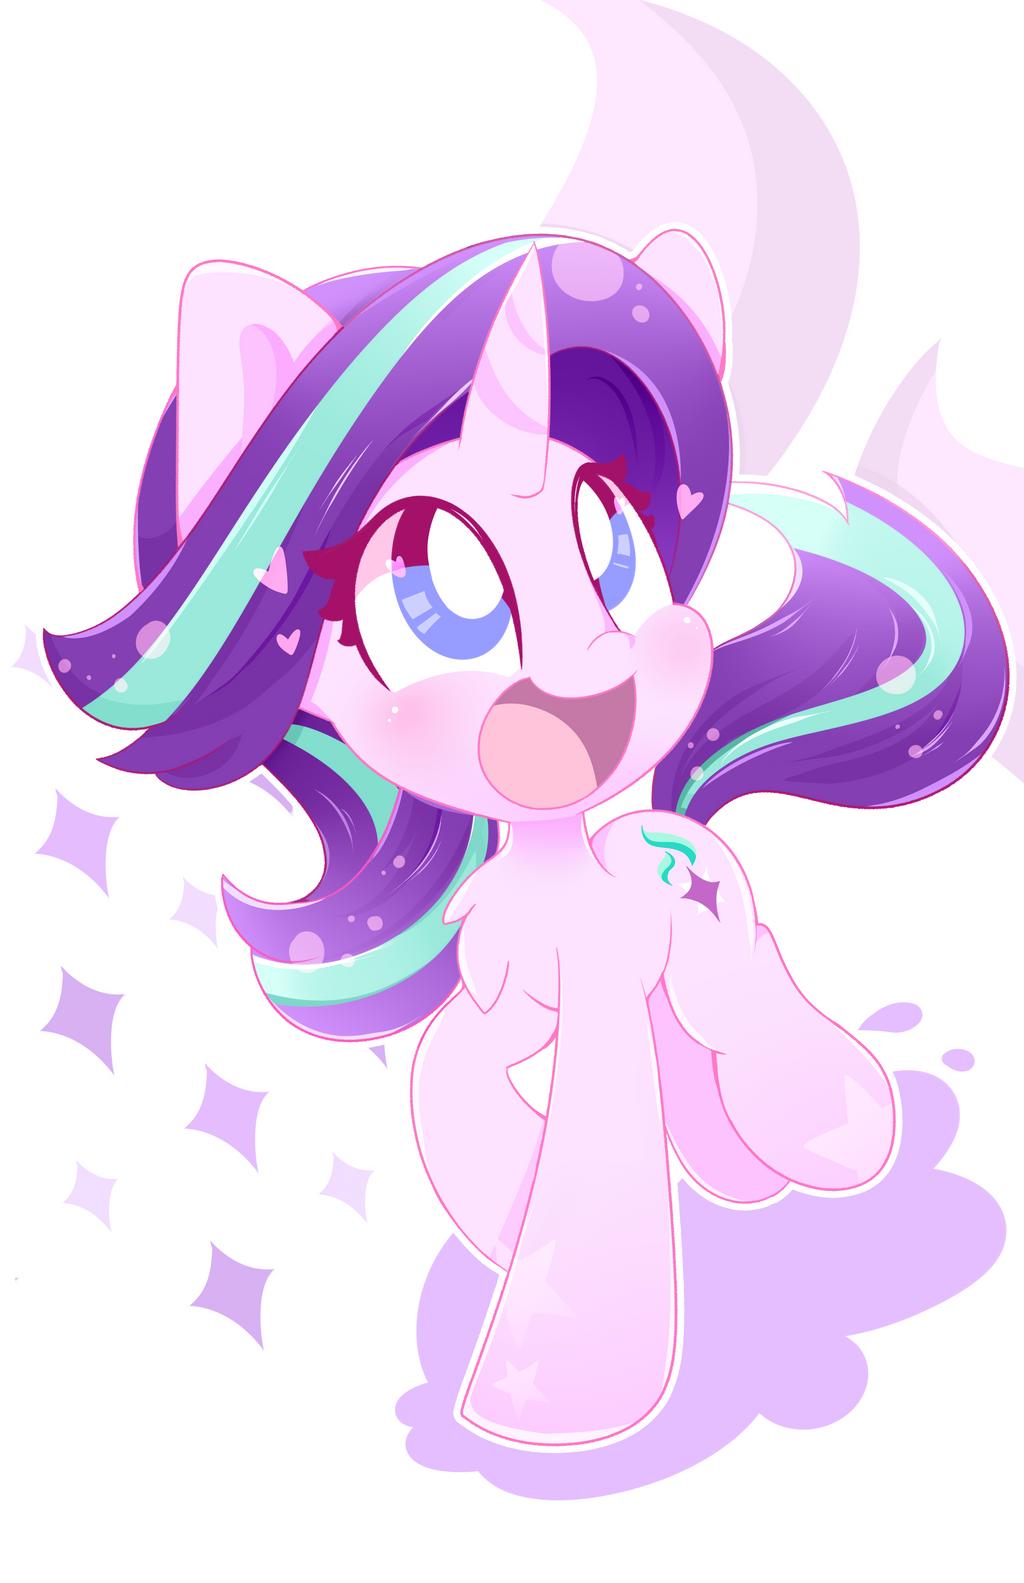 Starlight Glimmer Cutie by HungrySohma16